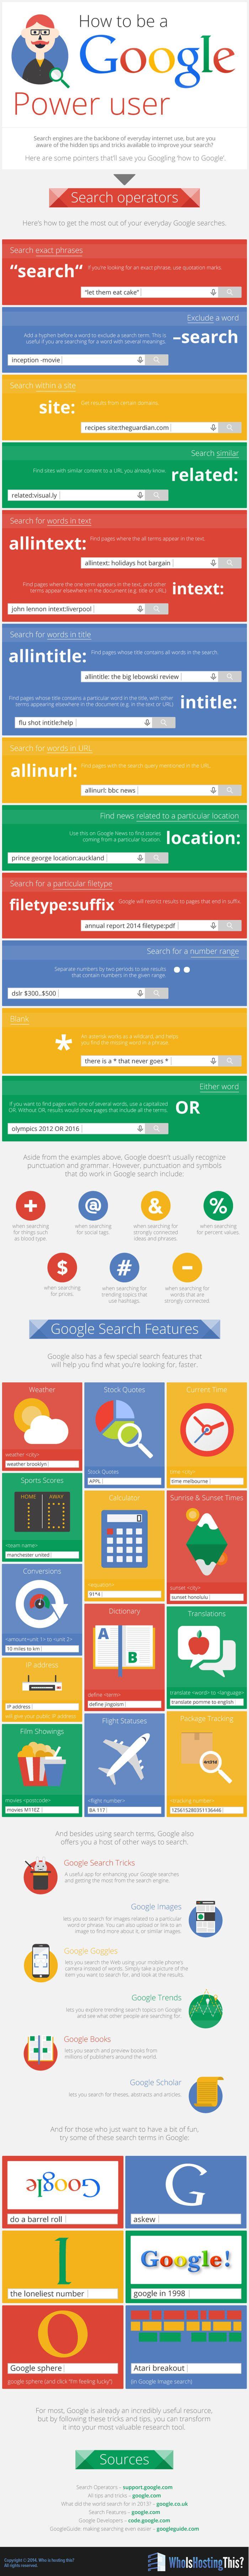 So wirst du zum Google Power User